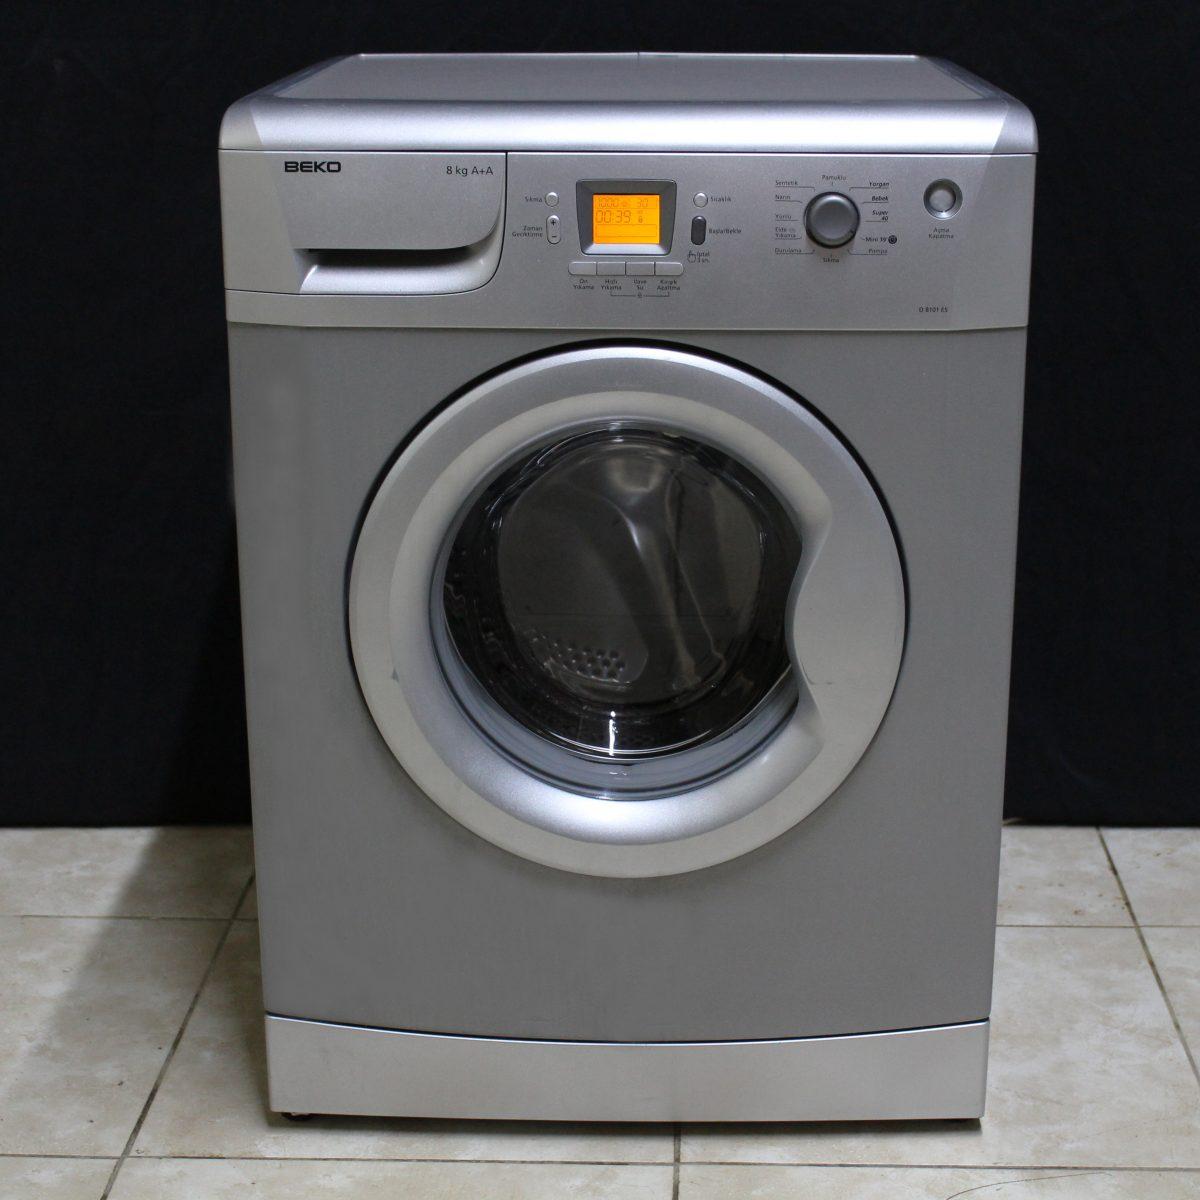 Beko 2.El Çamaşır Makinesi 8Kg